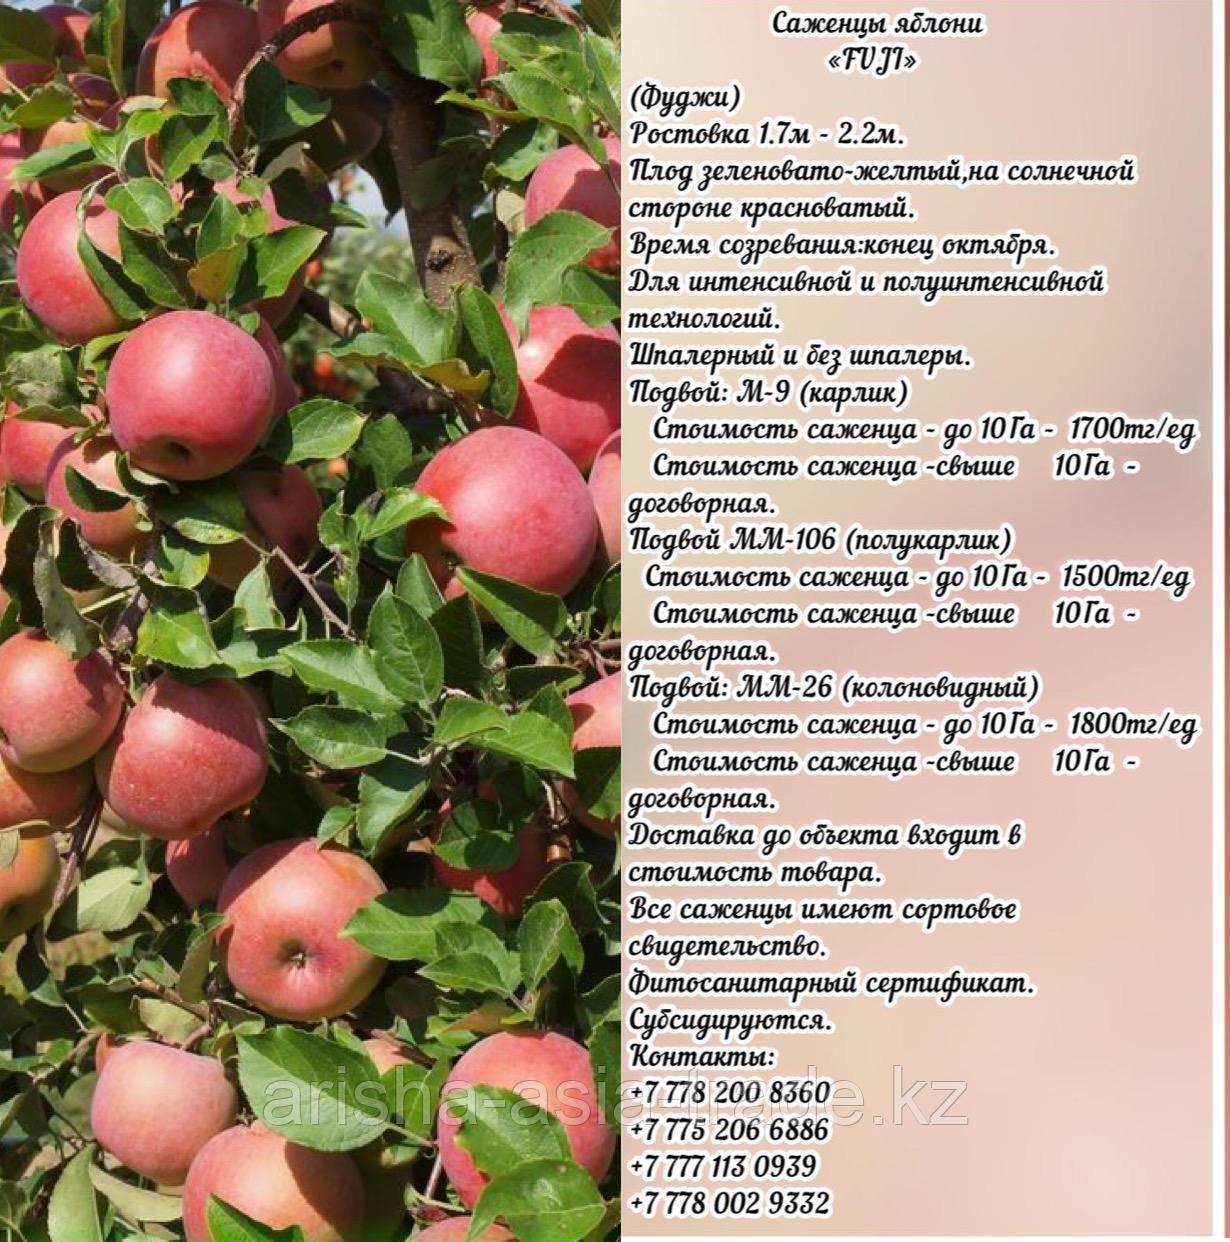 """Саженцы яблони """"Fuji"""" (Фуджи) подвой мм 106 Сербия"""